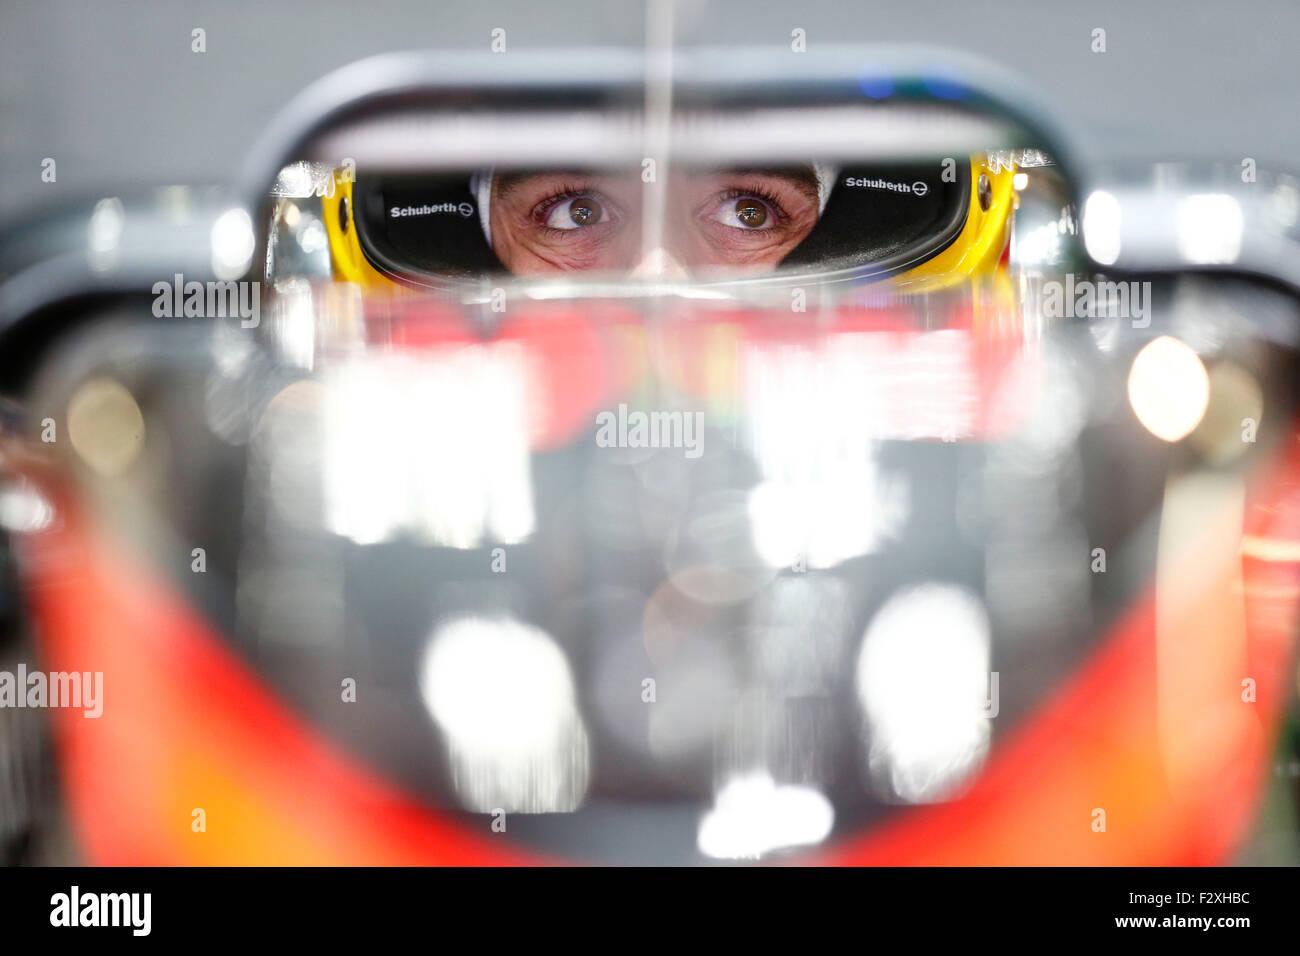 Sport Automobile: Championnat du Monde de Formule 1 de la FIA 2015, Grand Prix du Japon, #14 Fernando Photo Stock